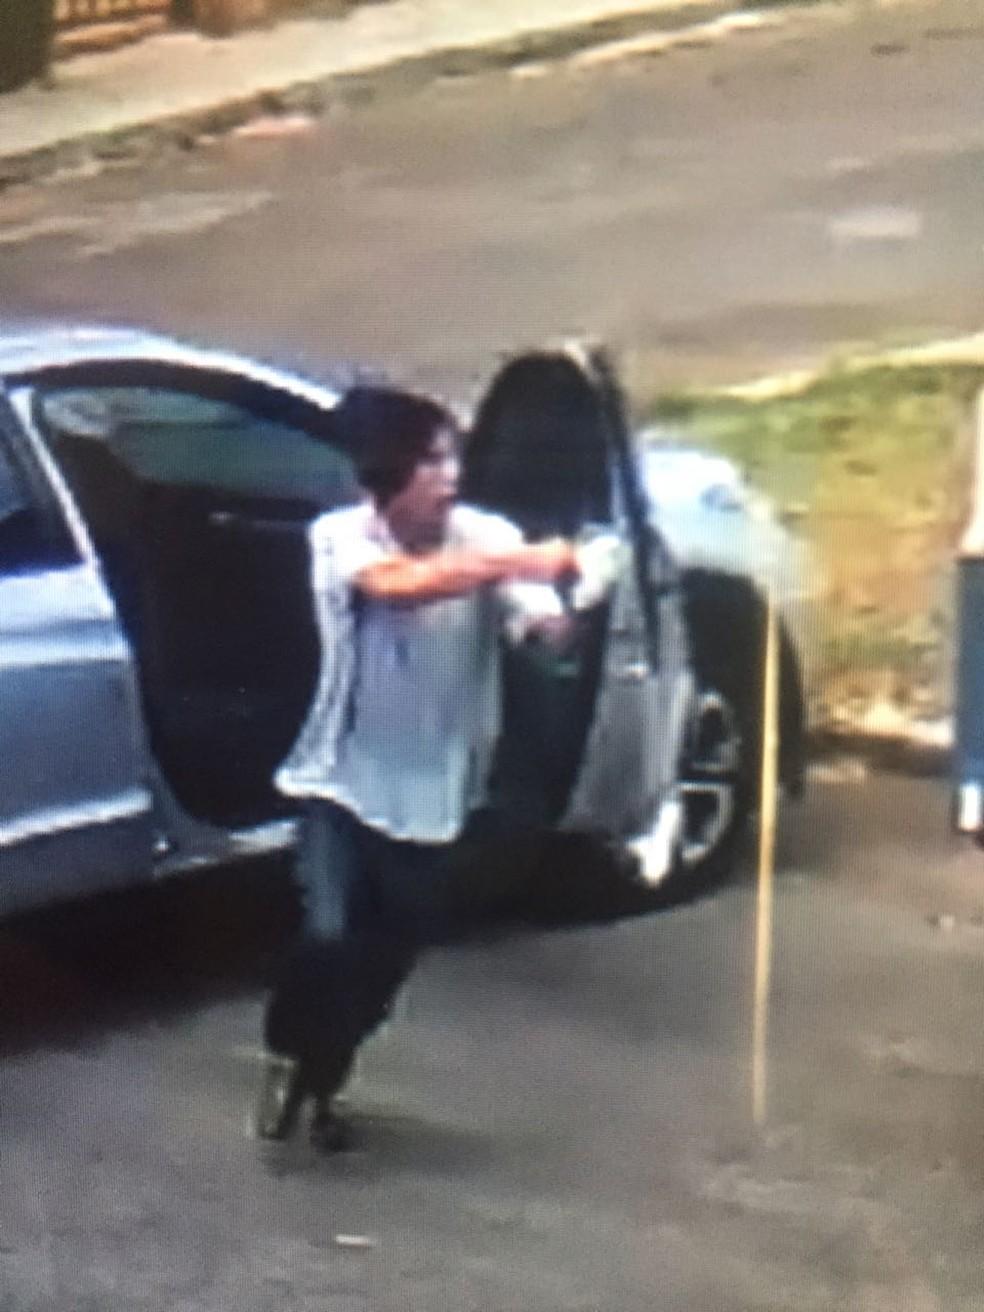 Homem sai de dentro do carro para assaltar morador do Lago Norte; o carro da vítima foi levado em outubro. (Foto: PMDF/Divulgação )